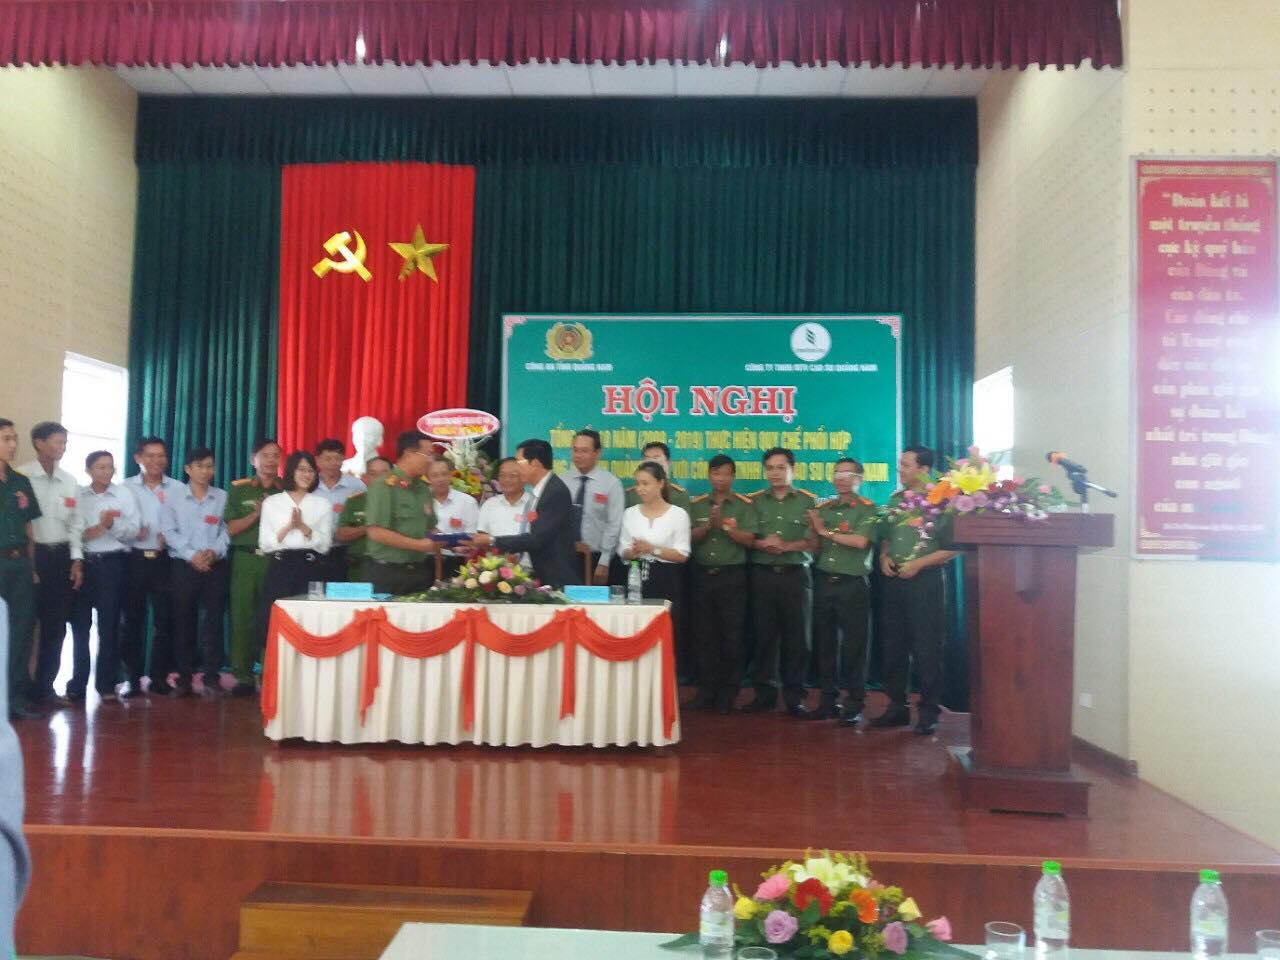 Hội nghị tổng kết 10 năm Quy chế phối hợp với Công an Quảng Nam